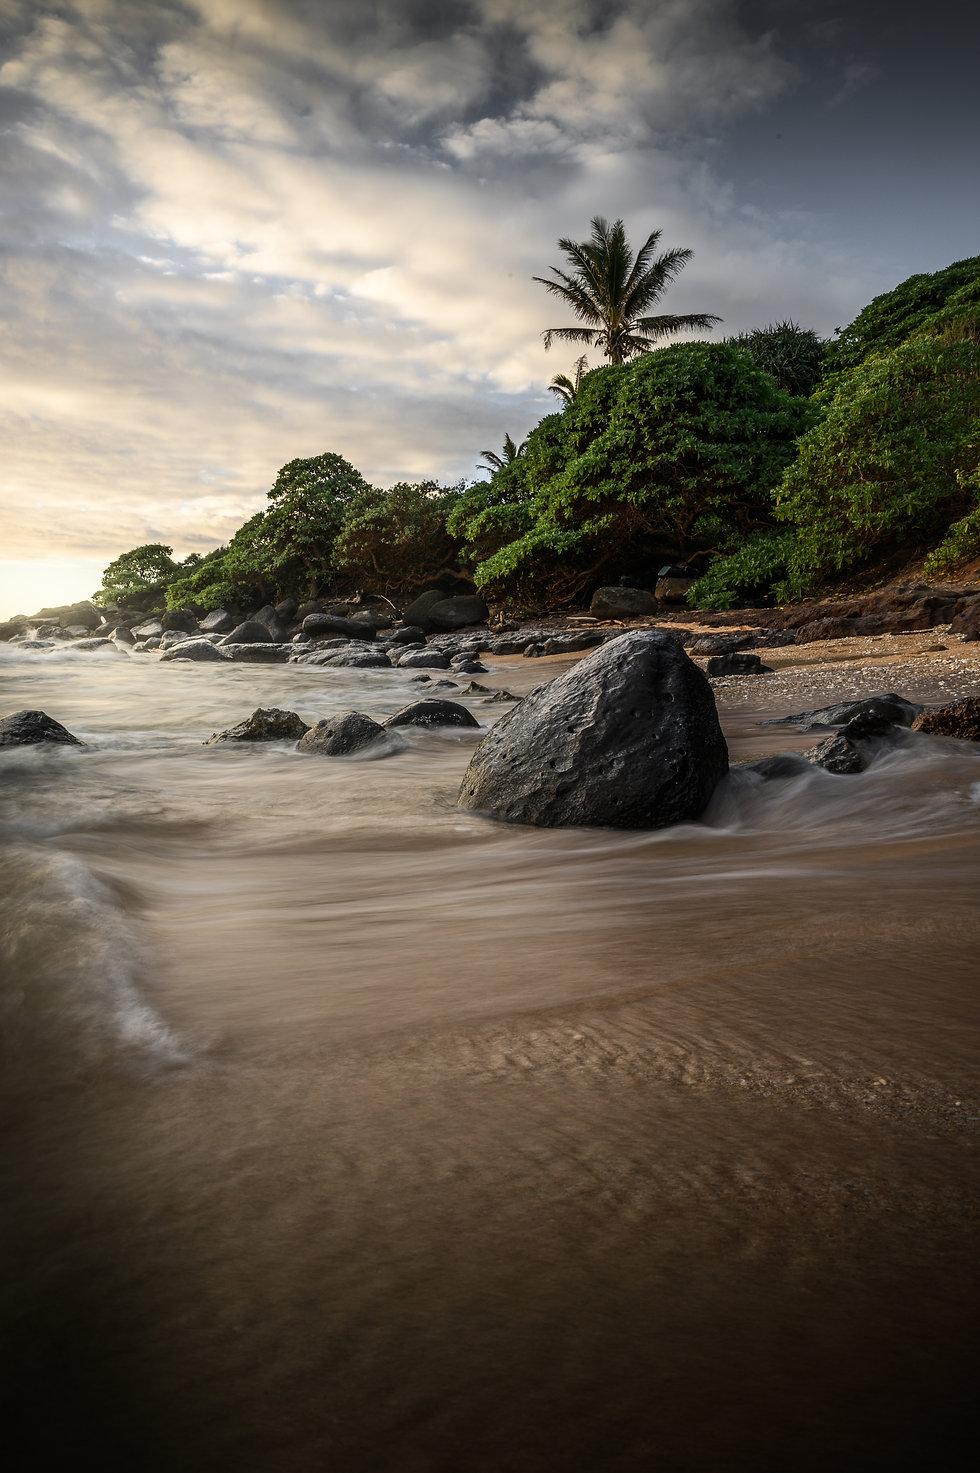 seashore-2526044.jpg